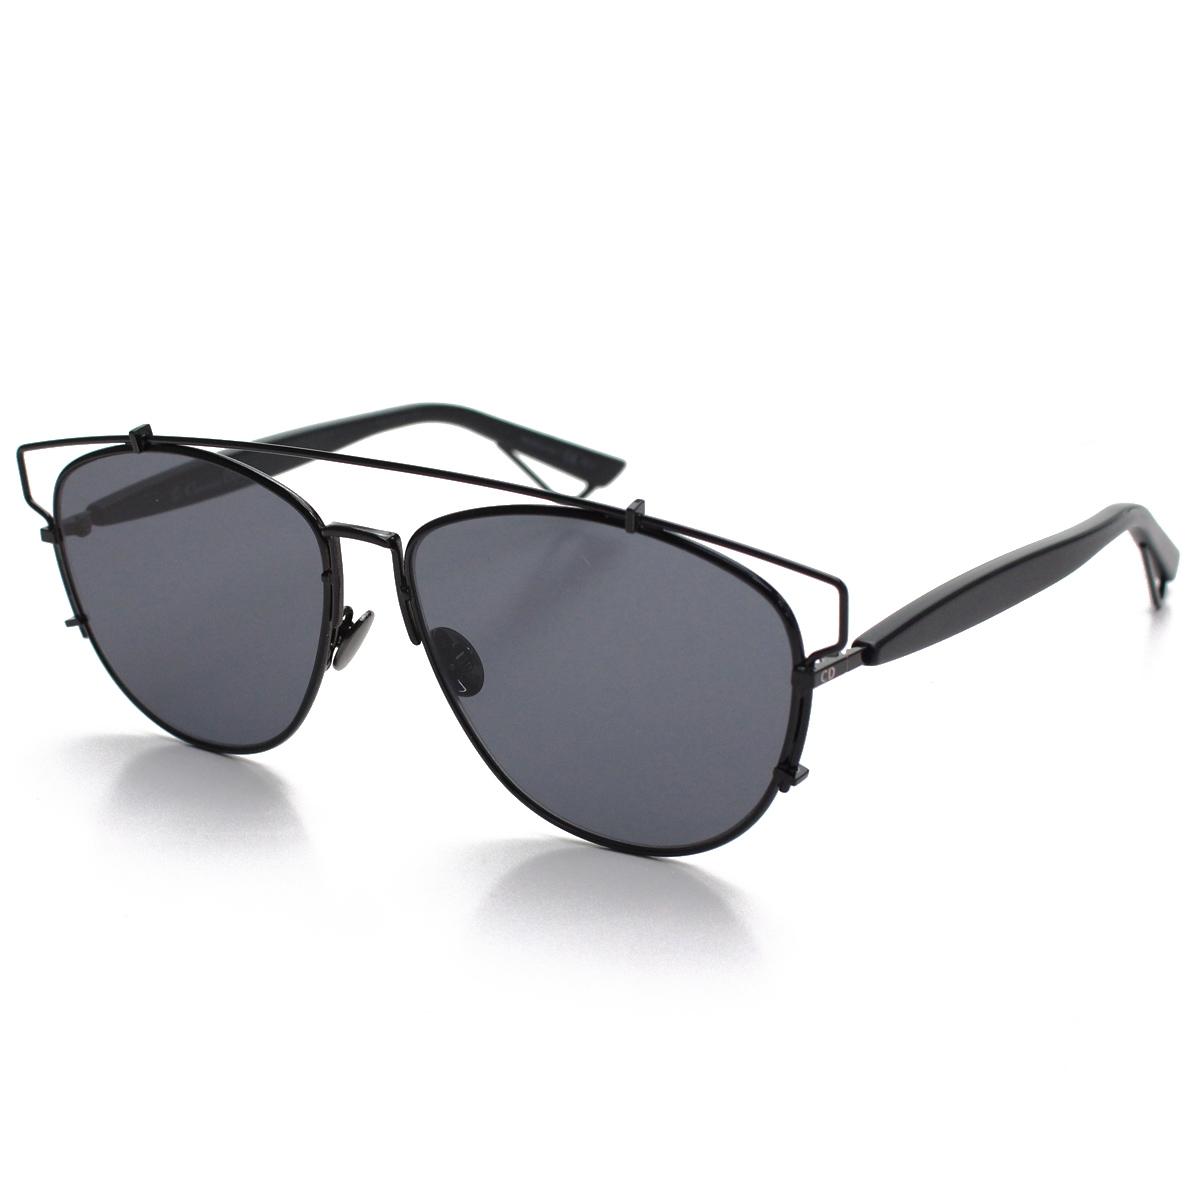 ディオール Christian Dior テクノロジック サングラス TECHNOLOGIC 65Z2K ブラック メンズ レディース